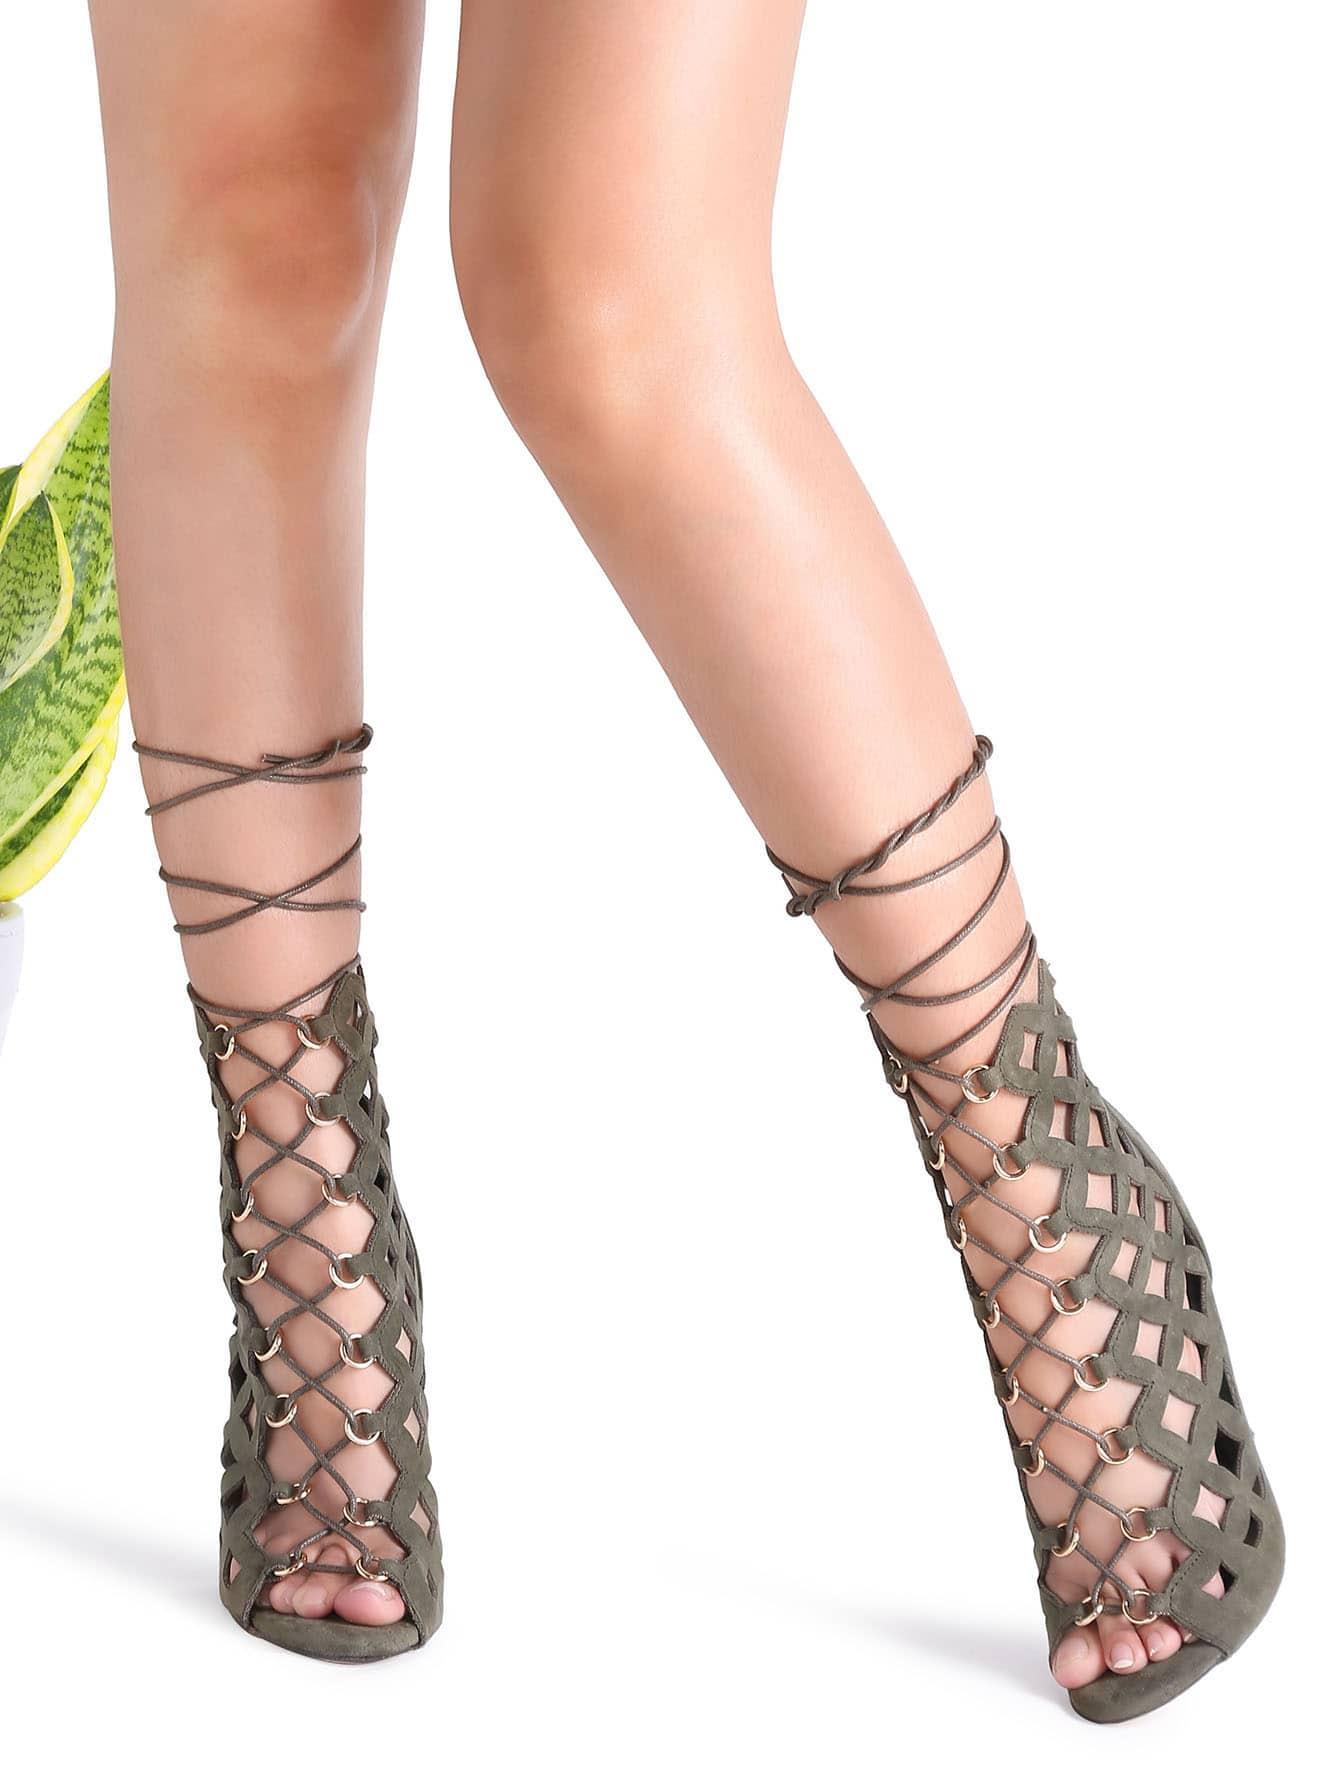 shoes170102809_2